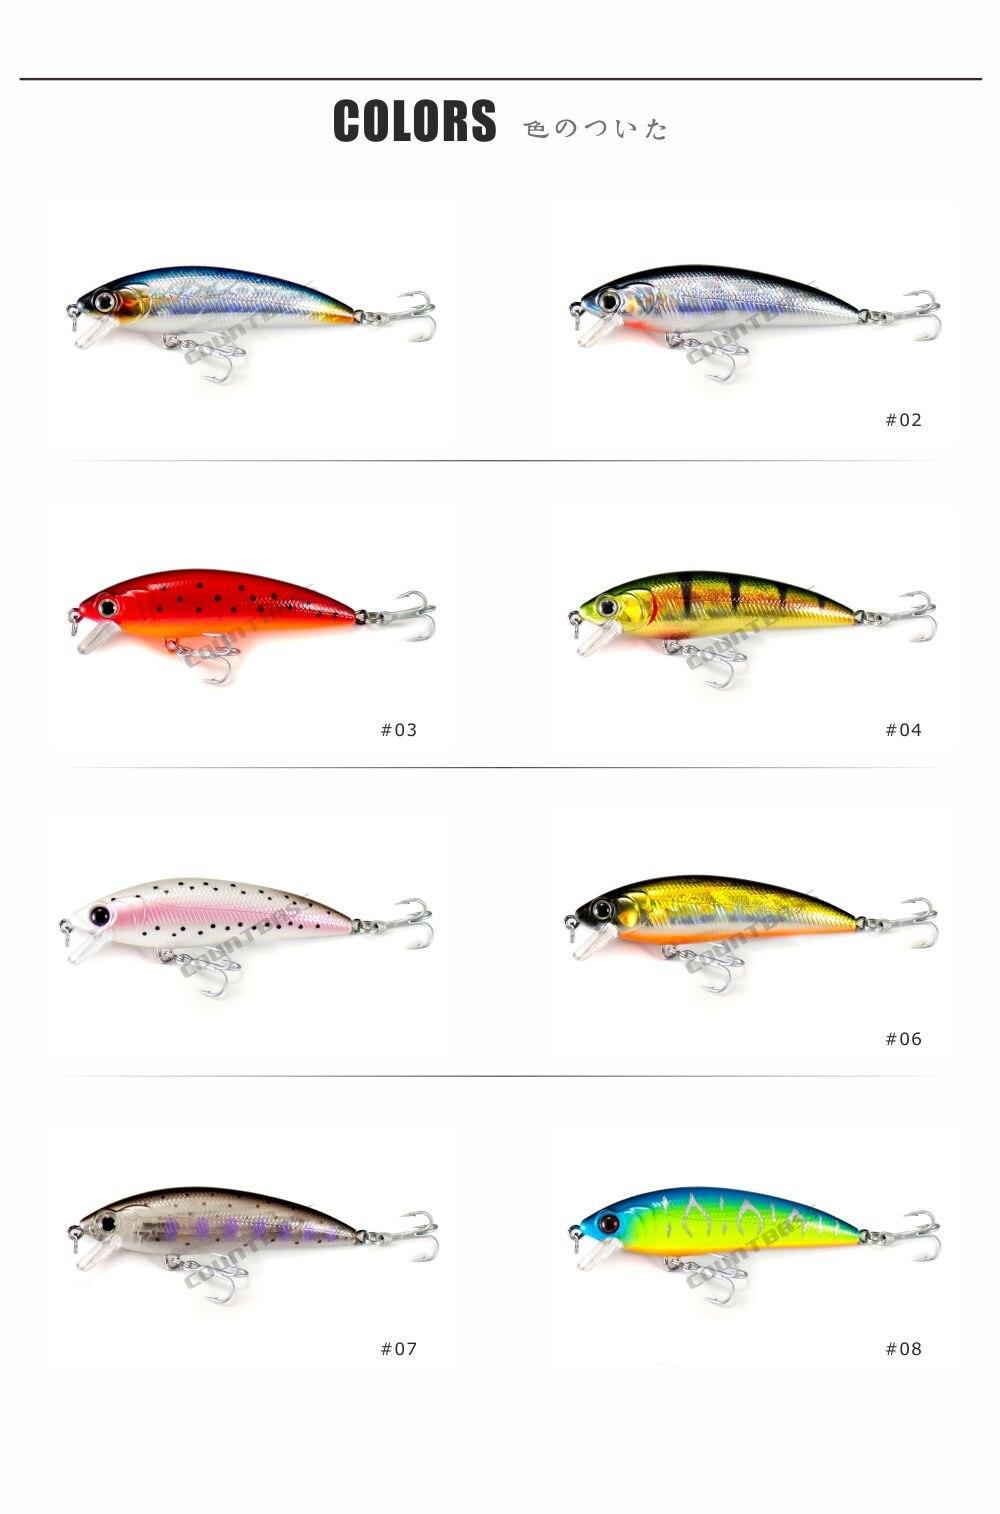 AM144-colors